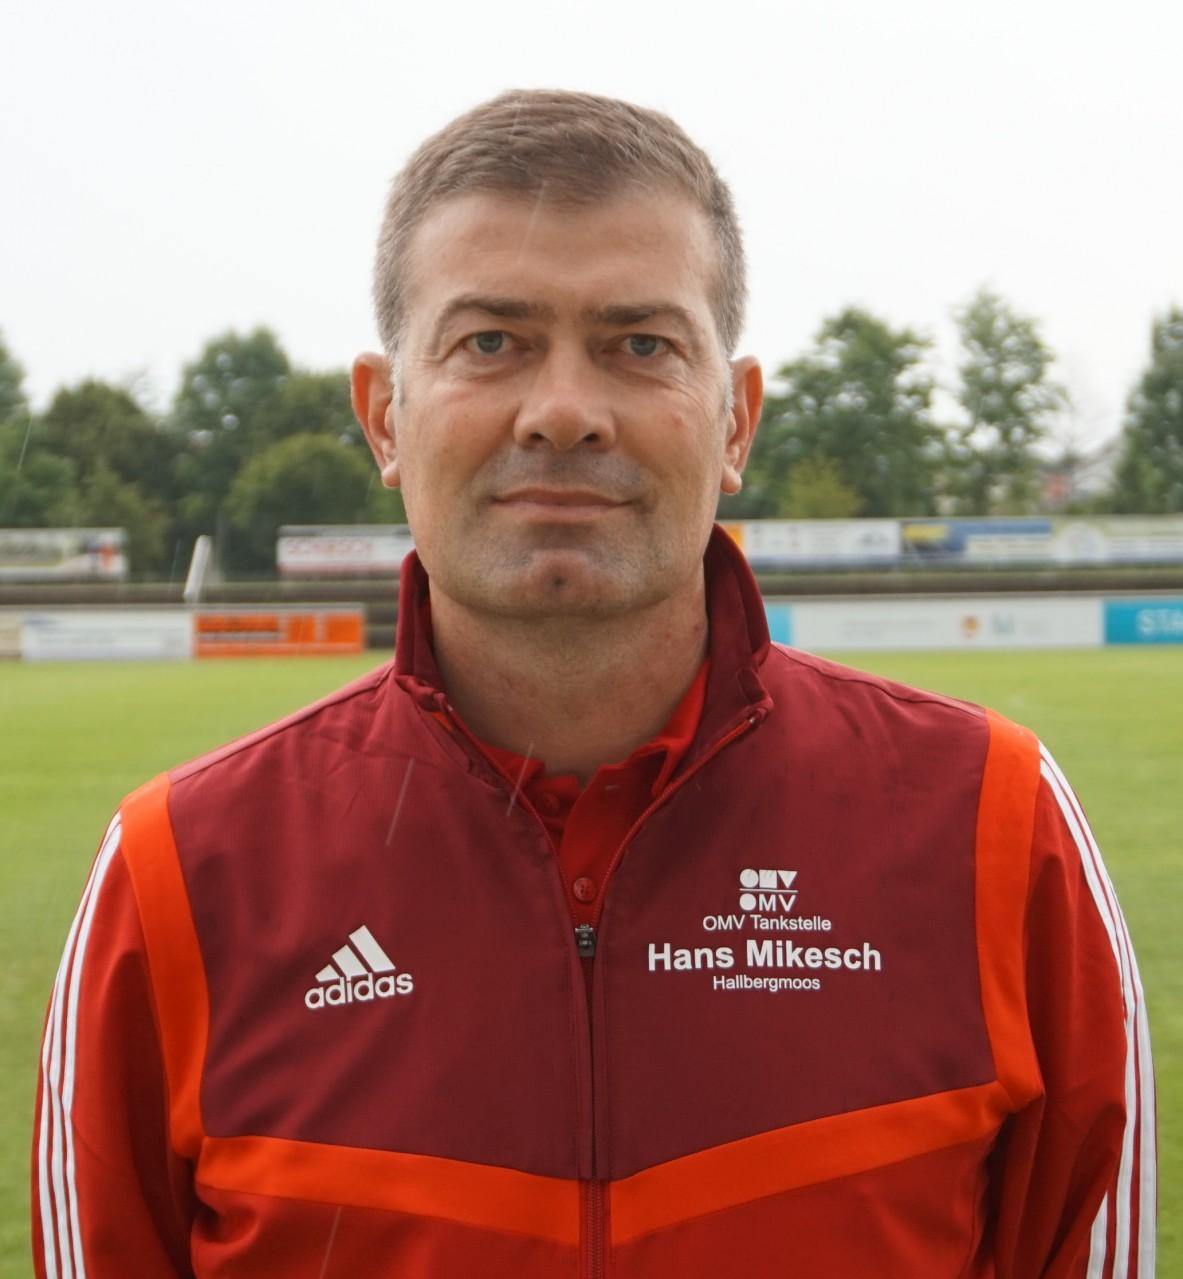 VfB Hallbergmoos: Generalprobe gerät zum Spektakel